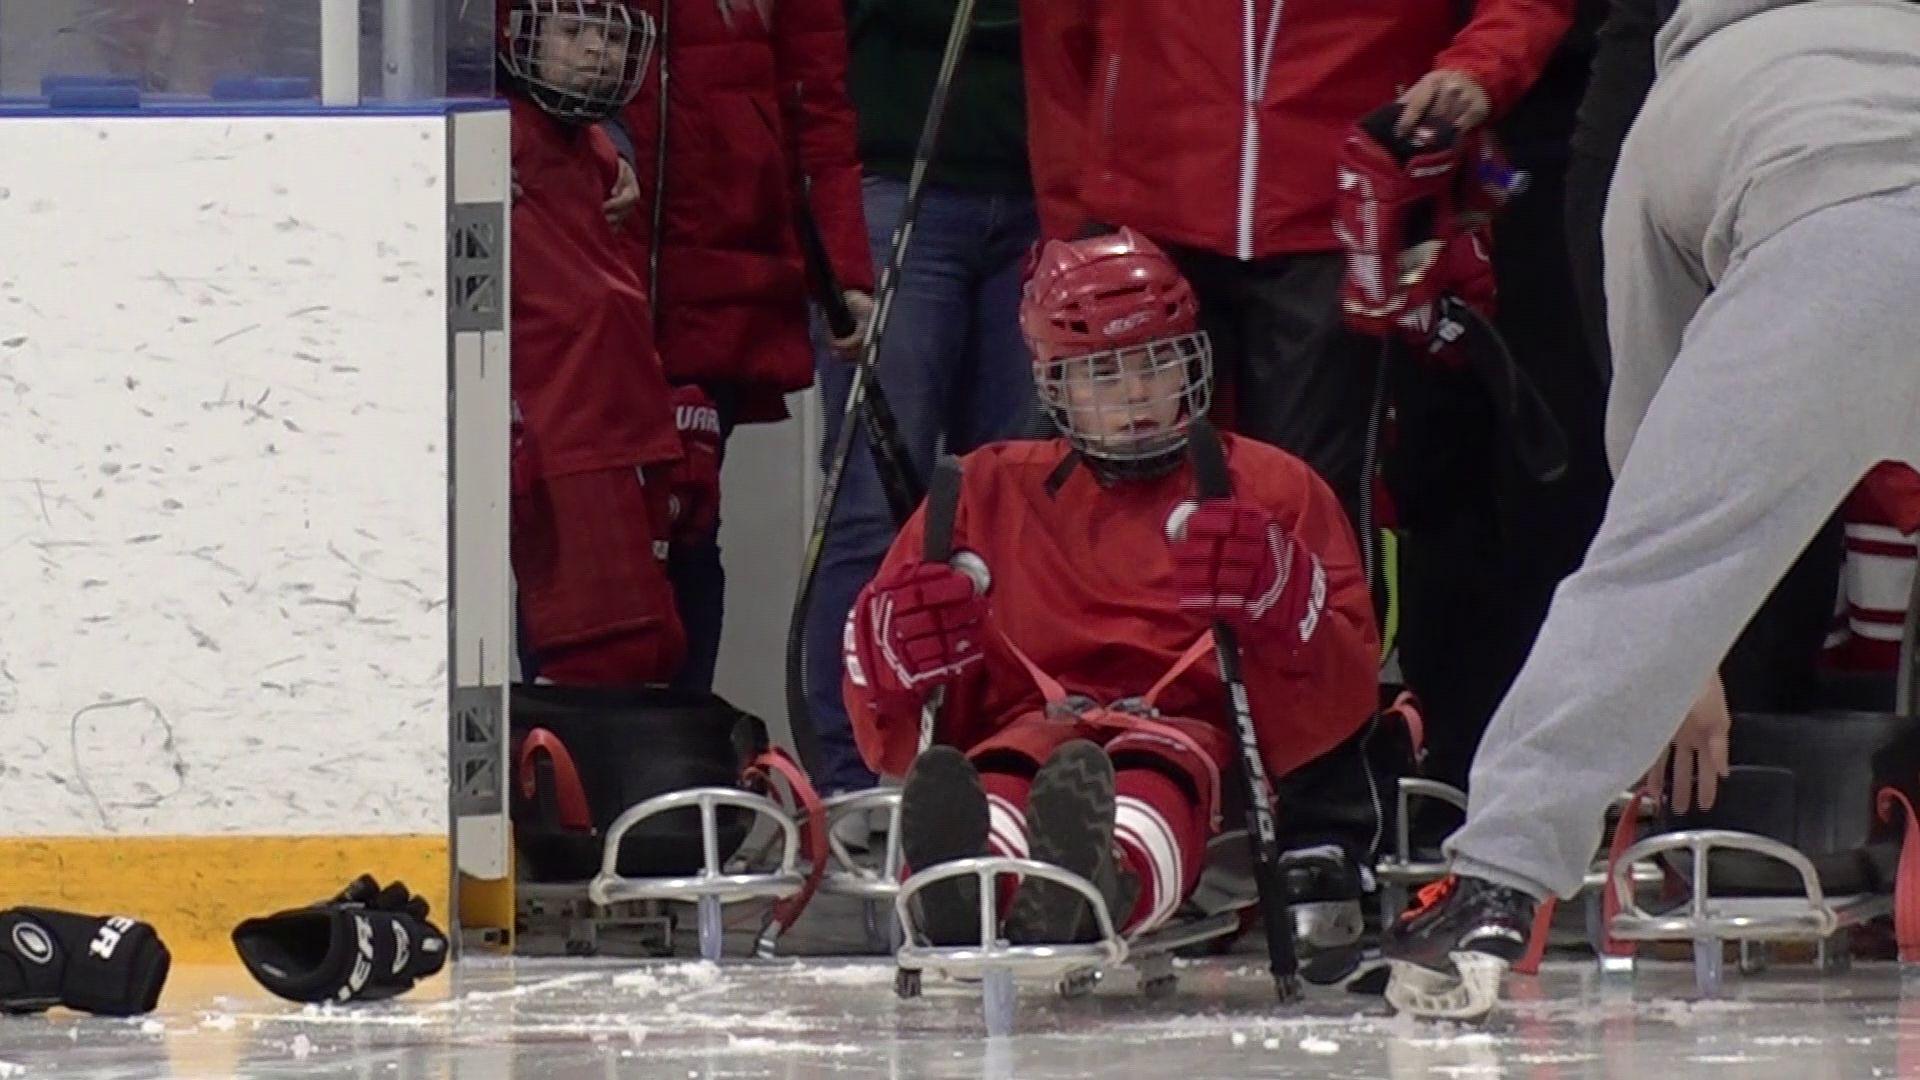 Ярославская команда по следж-хоккею впервые вышла на лед